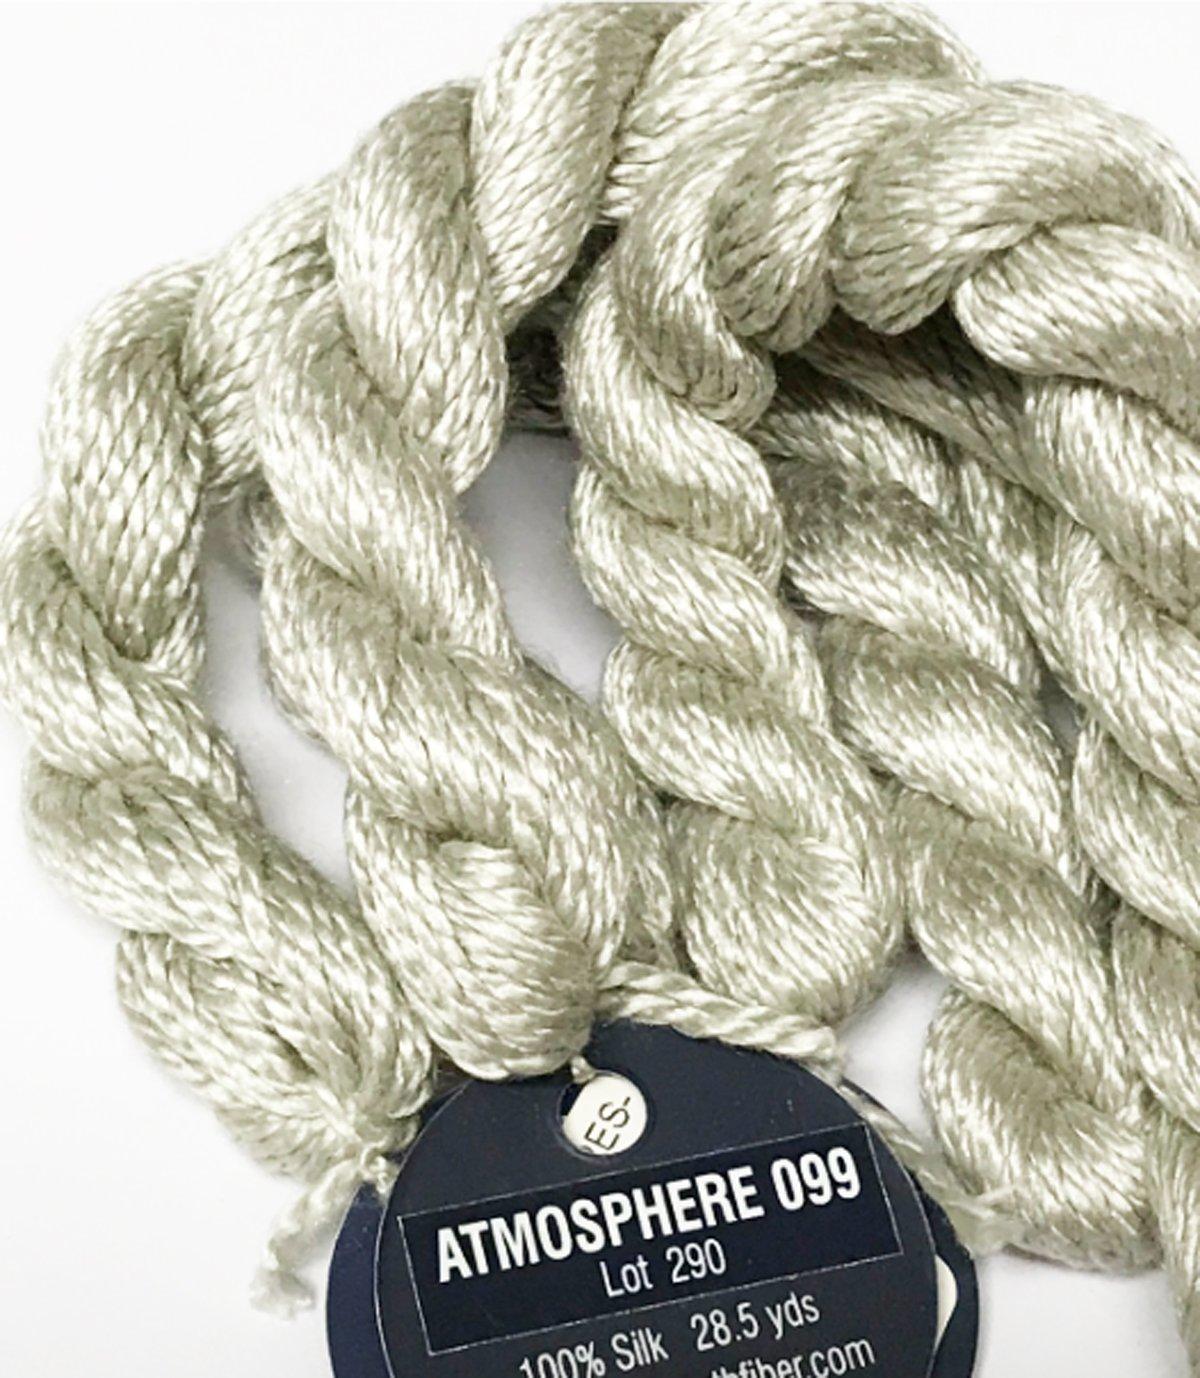 PES-ATMOSPHERE-099